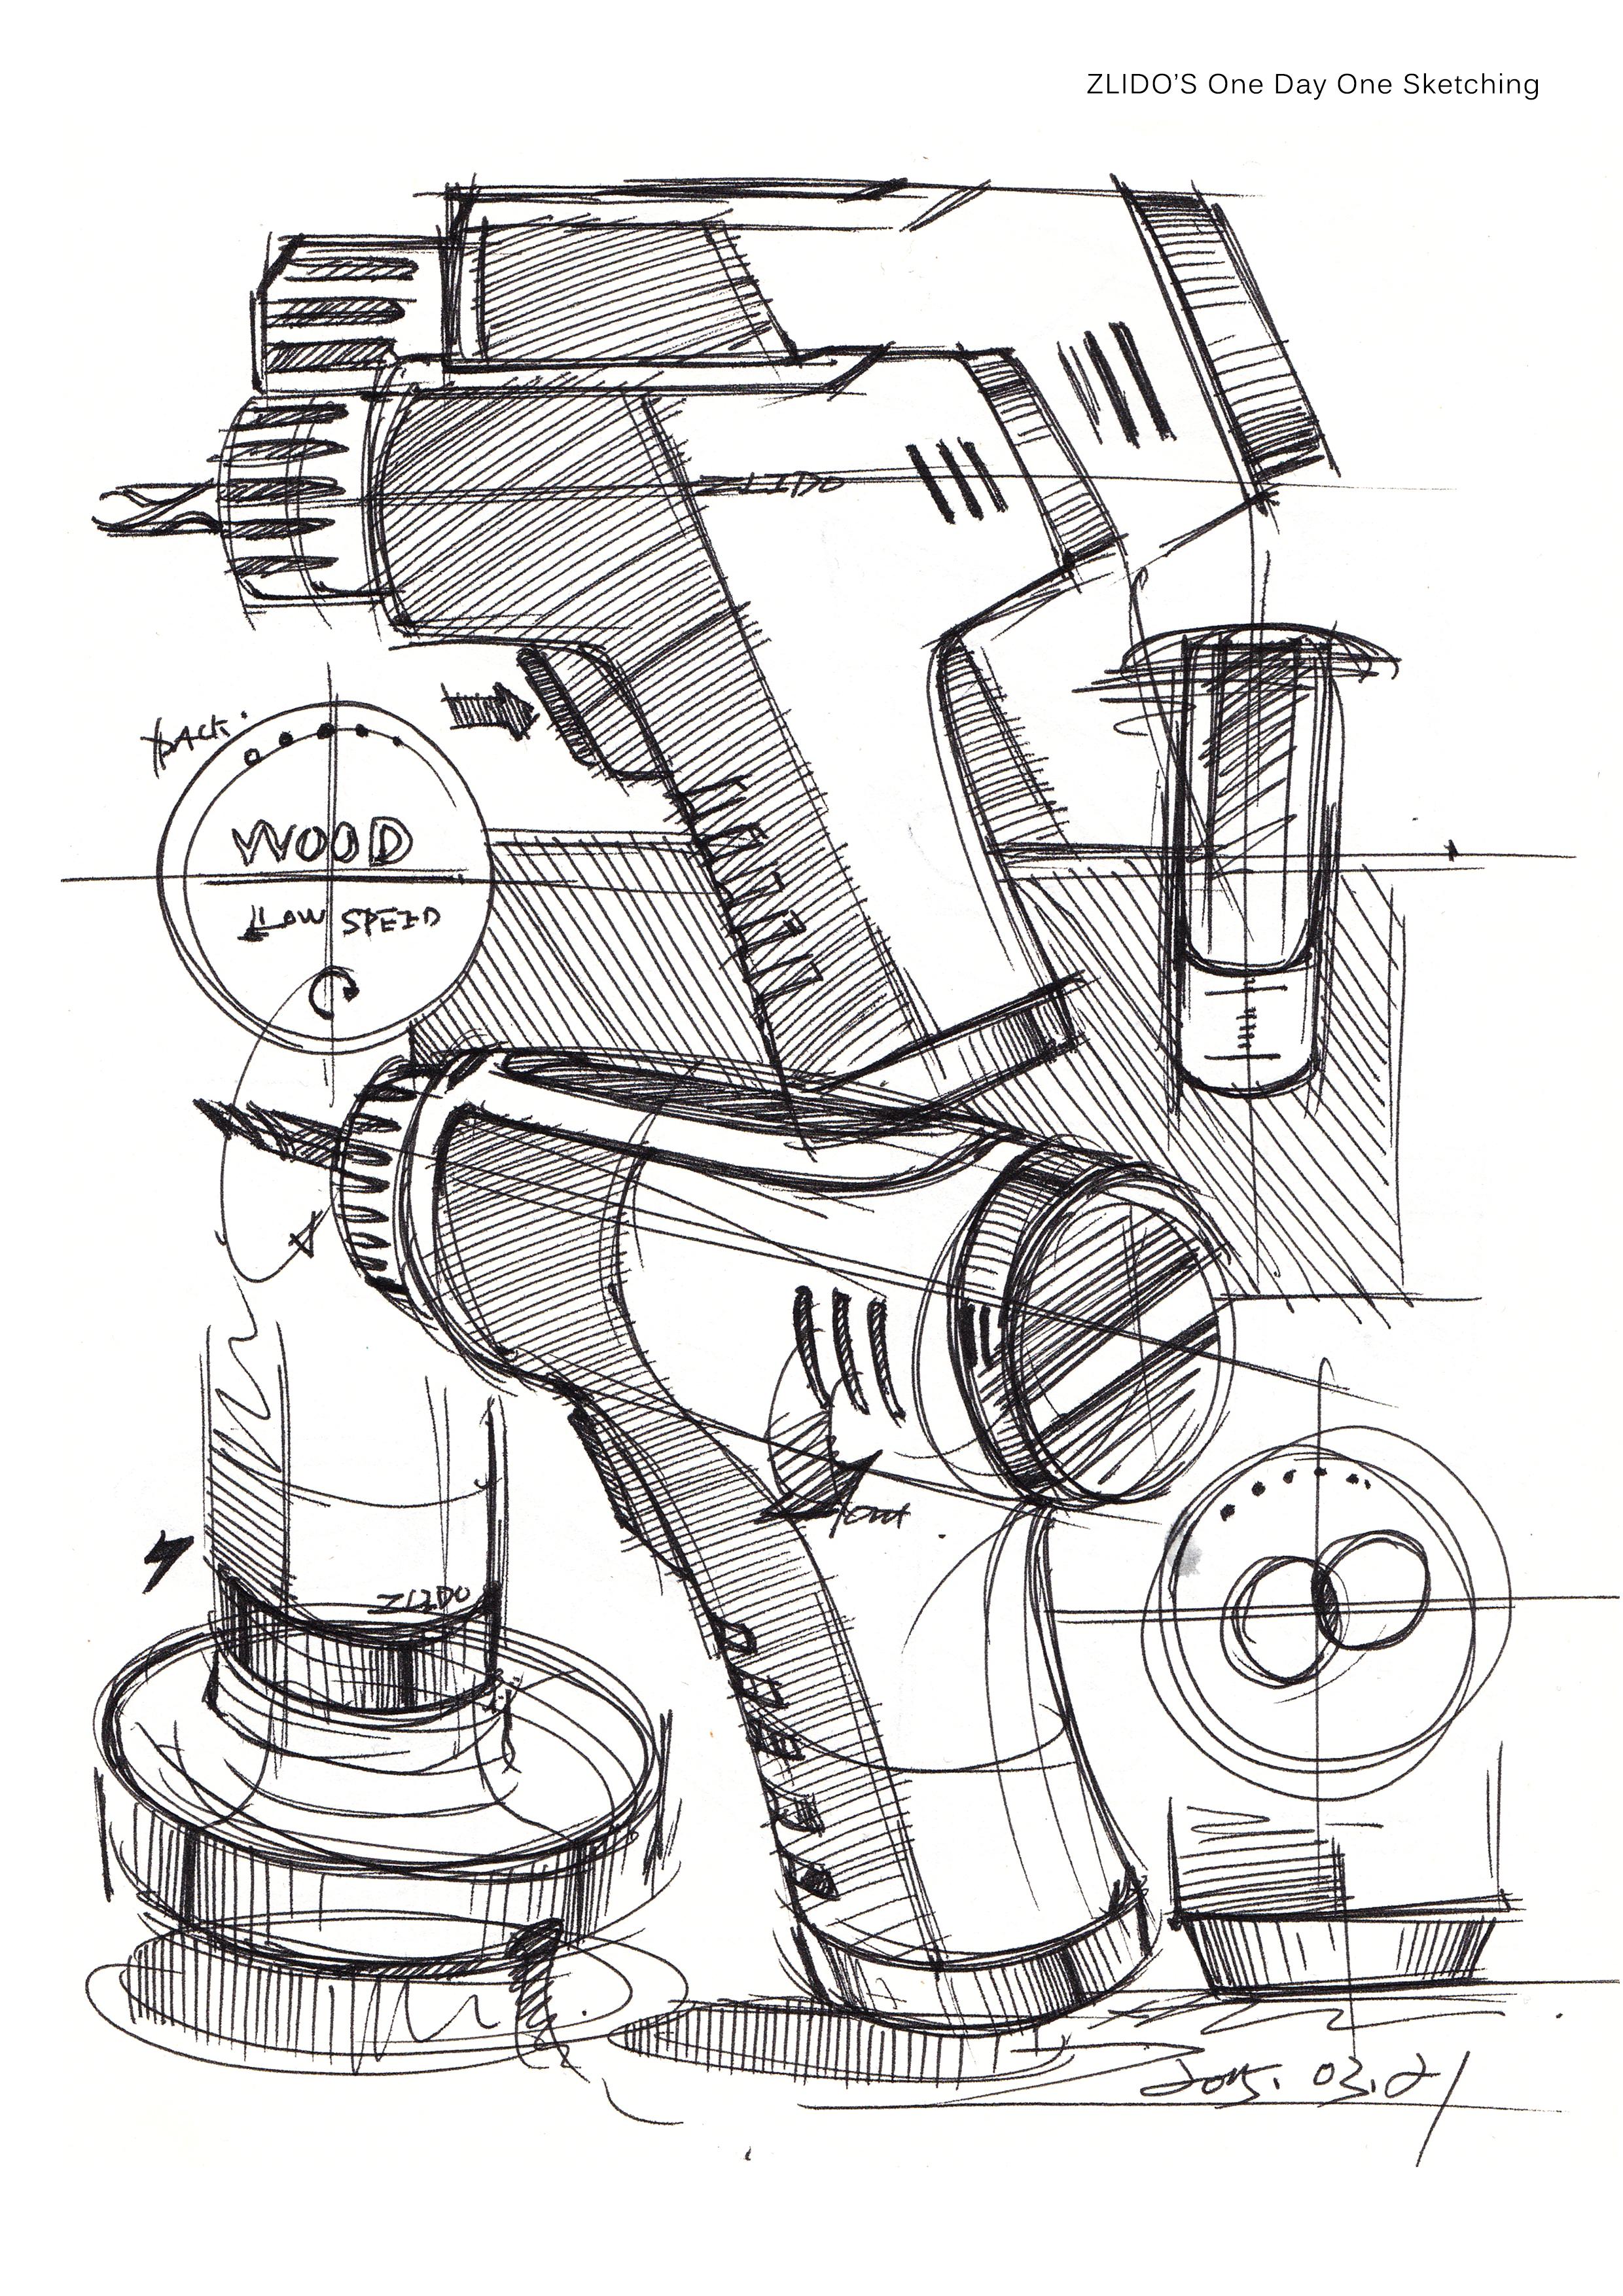 2015产品设计手绘3月 一日一画